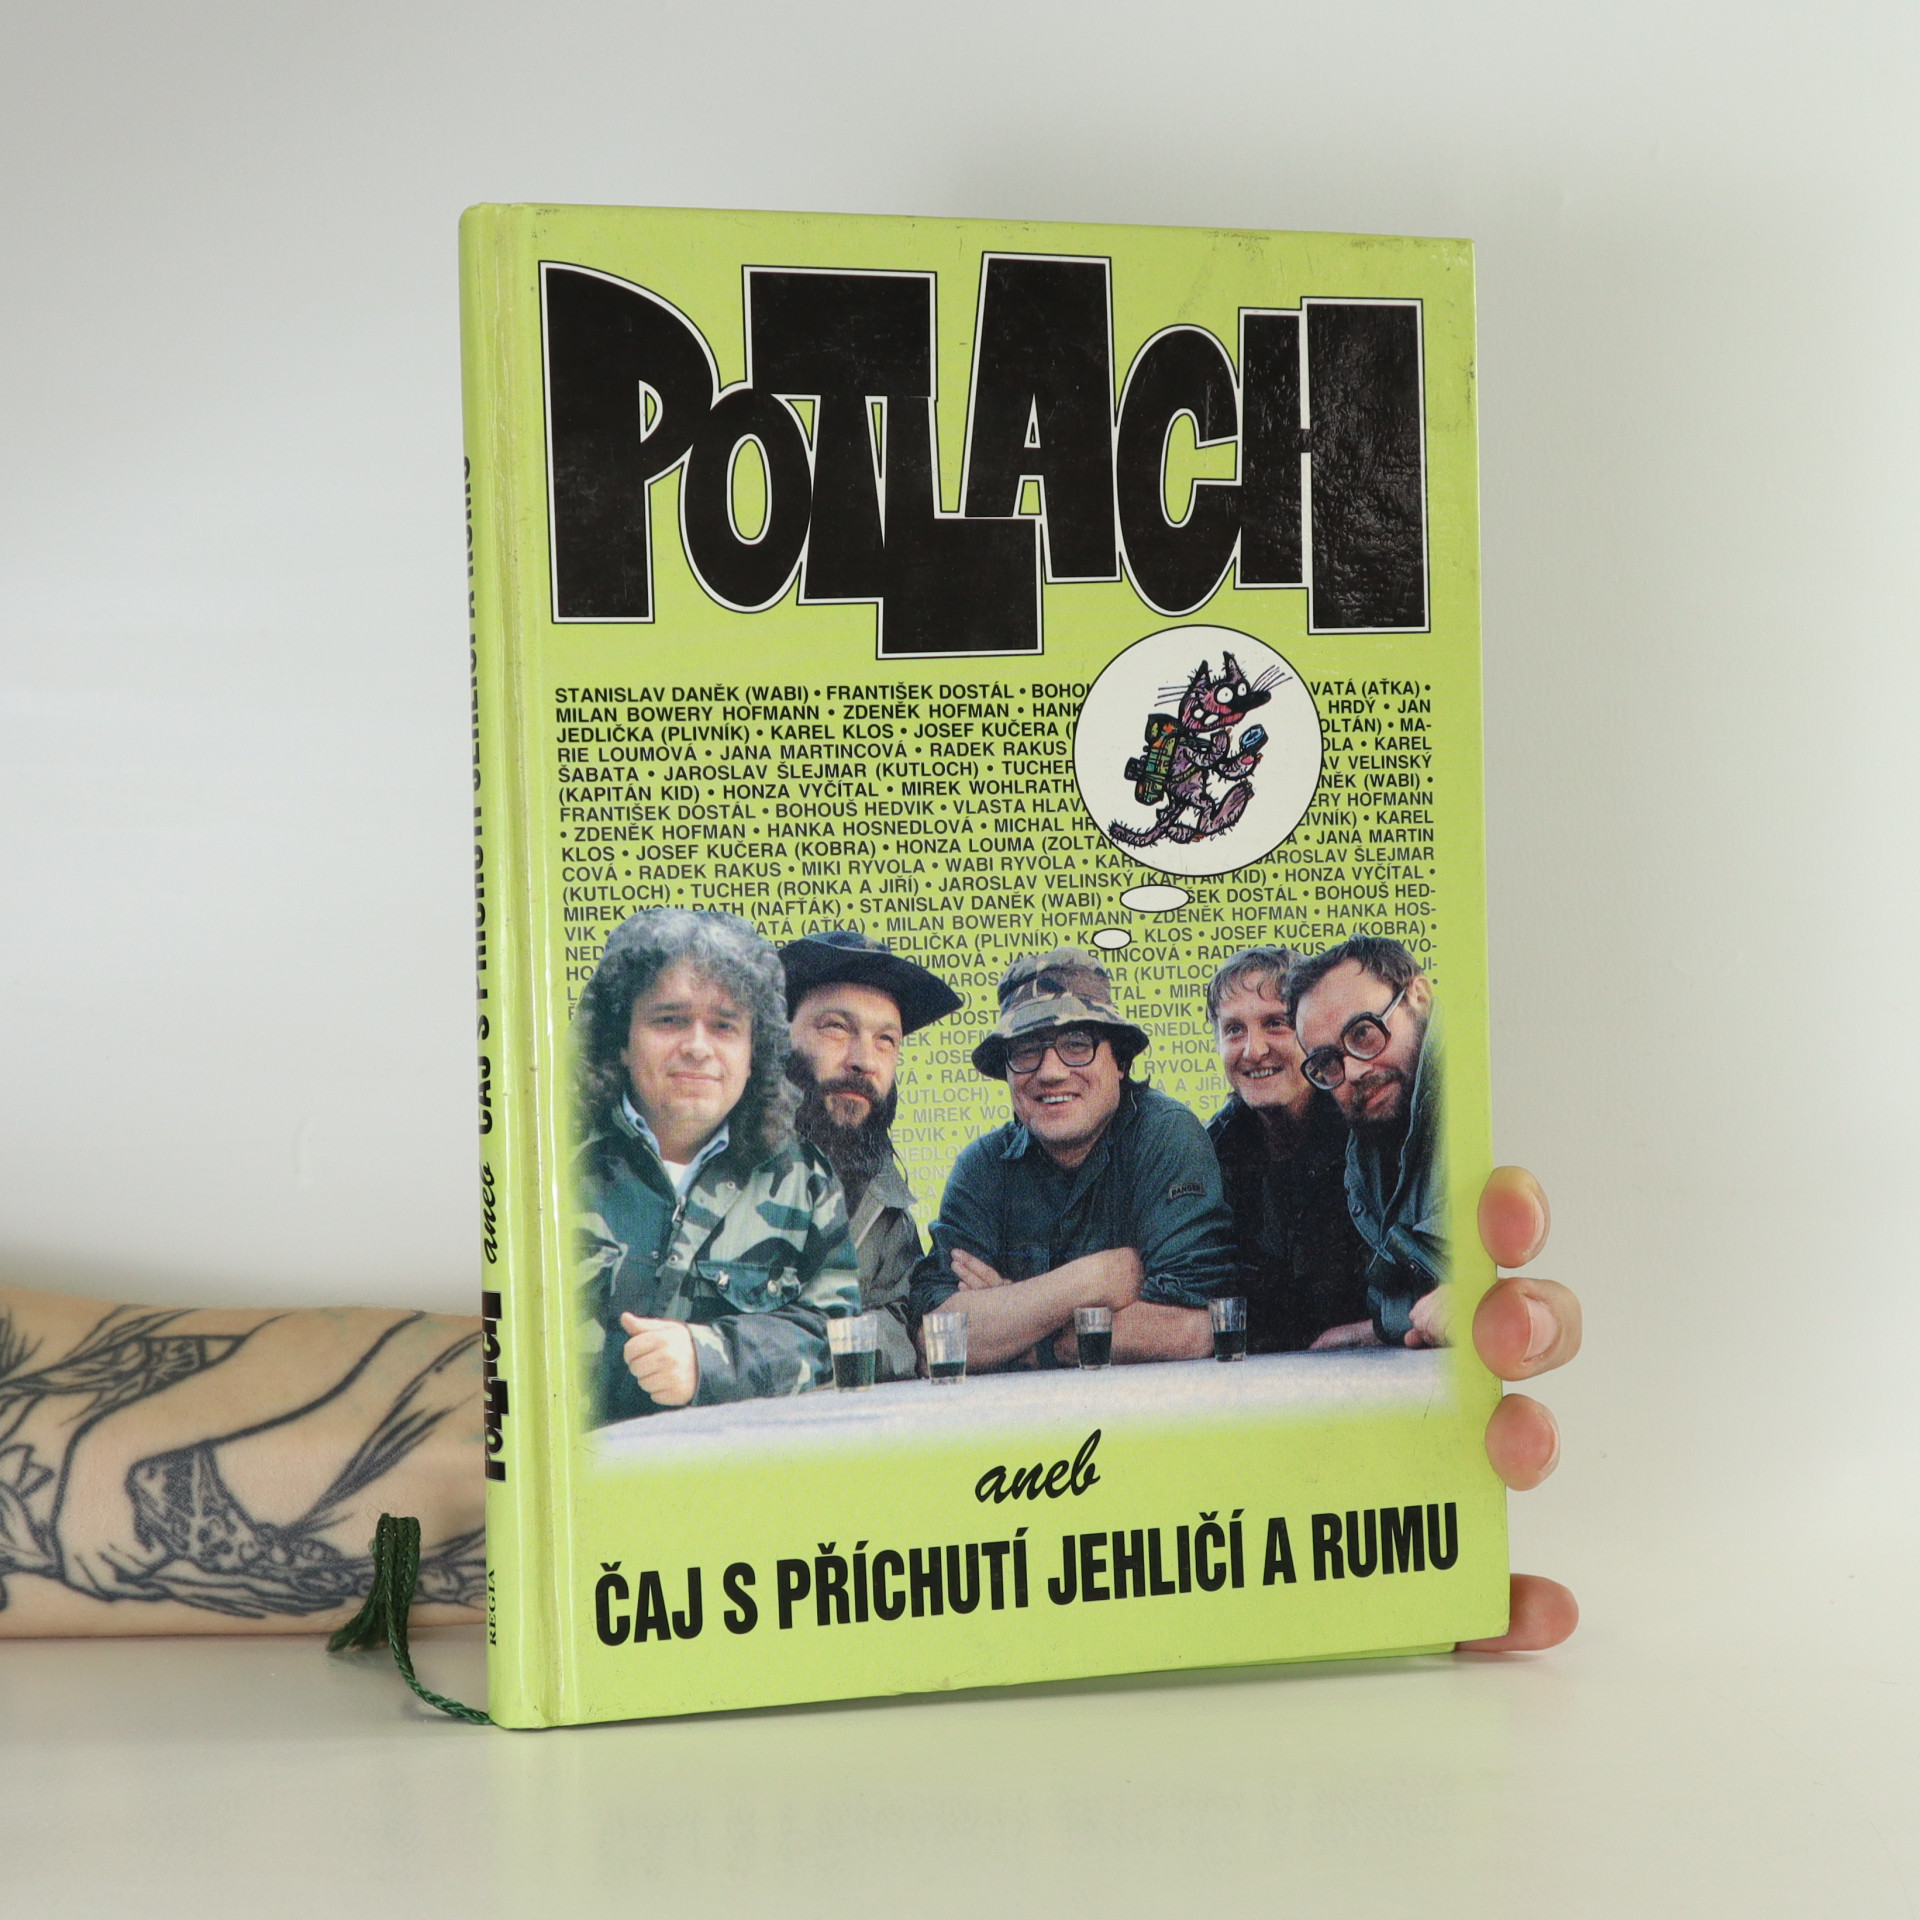 antikvární kniha Potlach, aneb, Čaj s příchutí jehličí a rumu, 1998